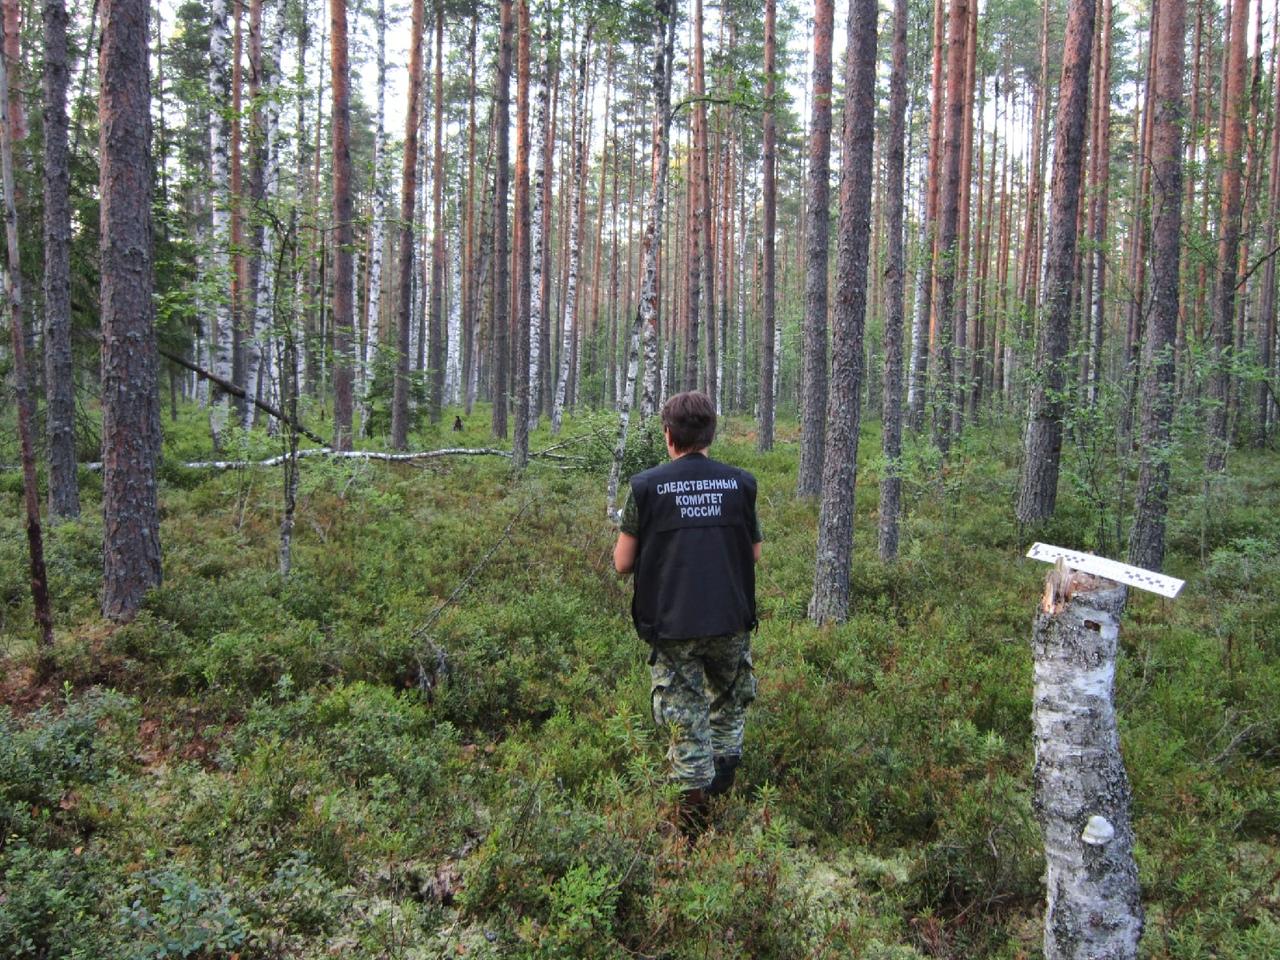 Останки женщины нашли в лесу в Тверской области